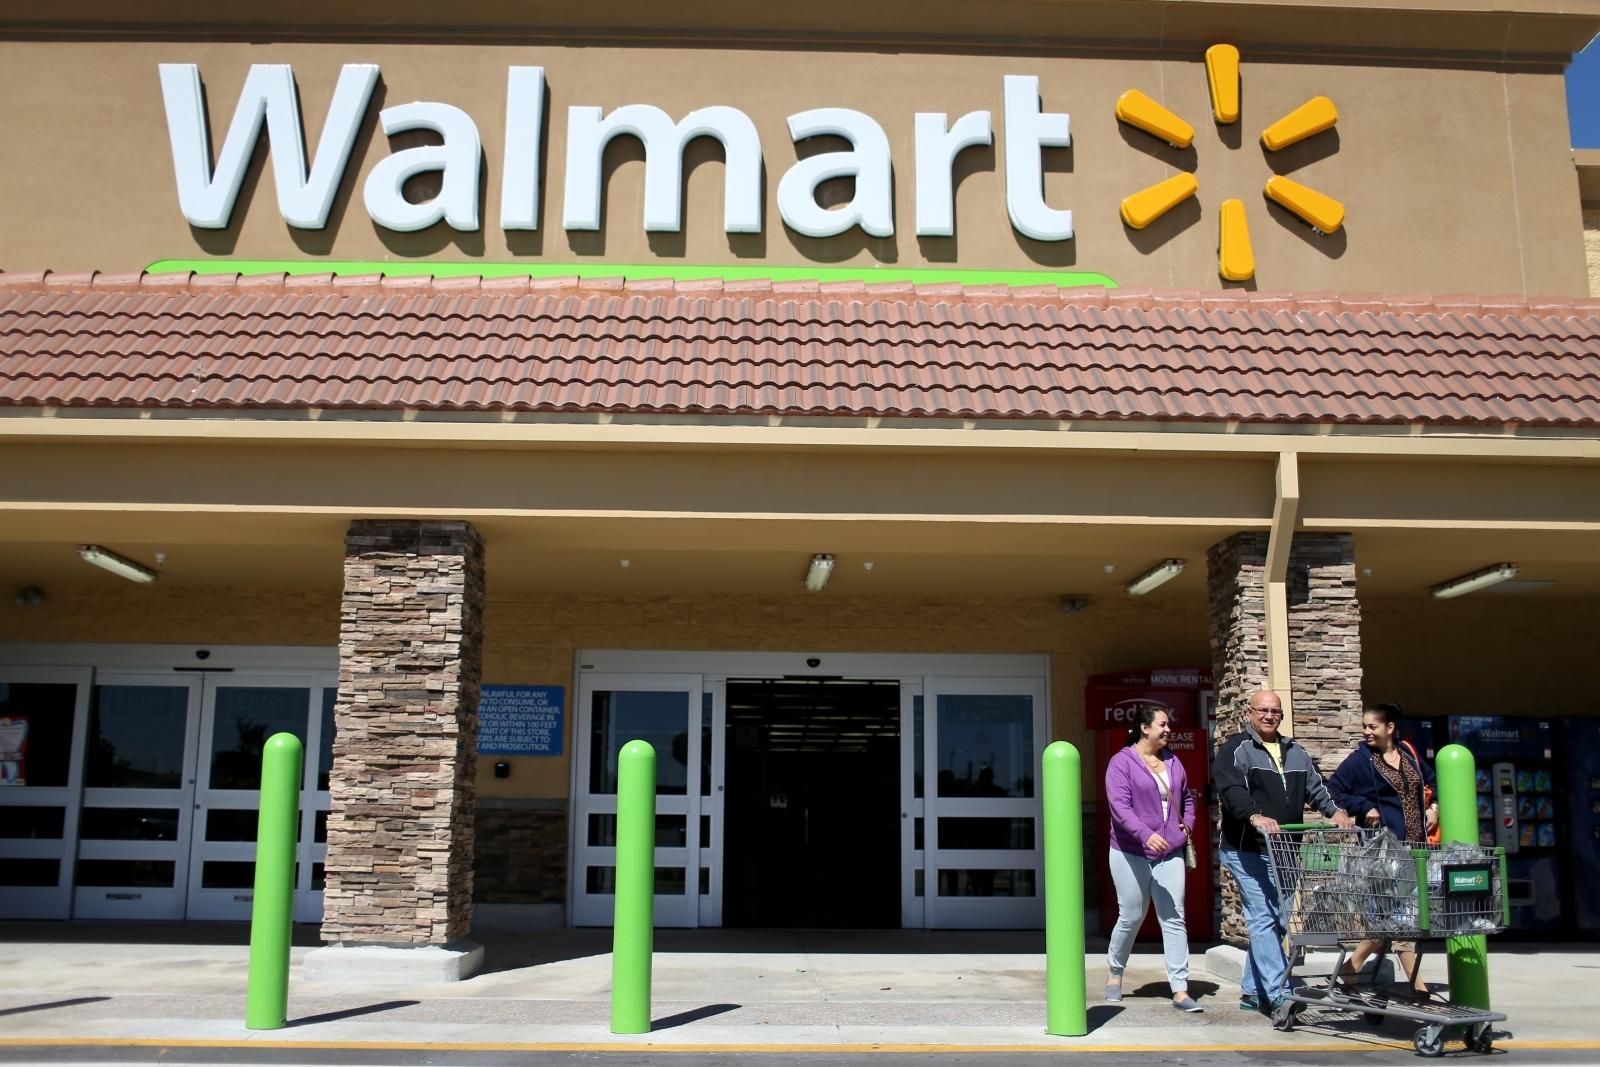 A Walmart store in Miami, Florida